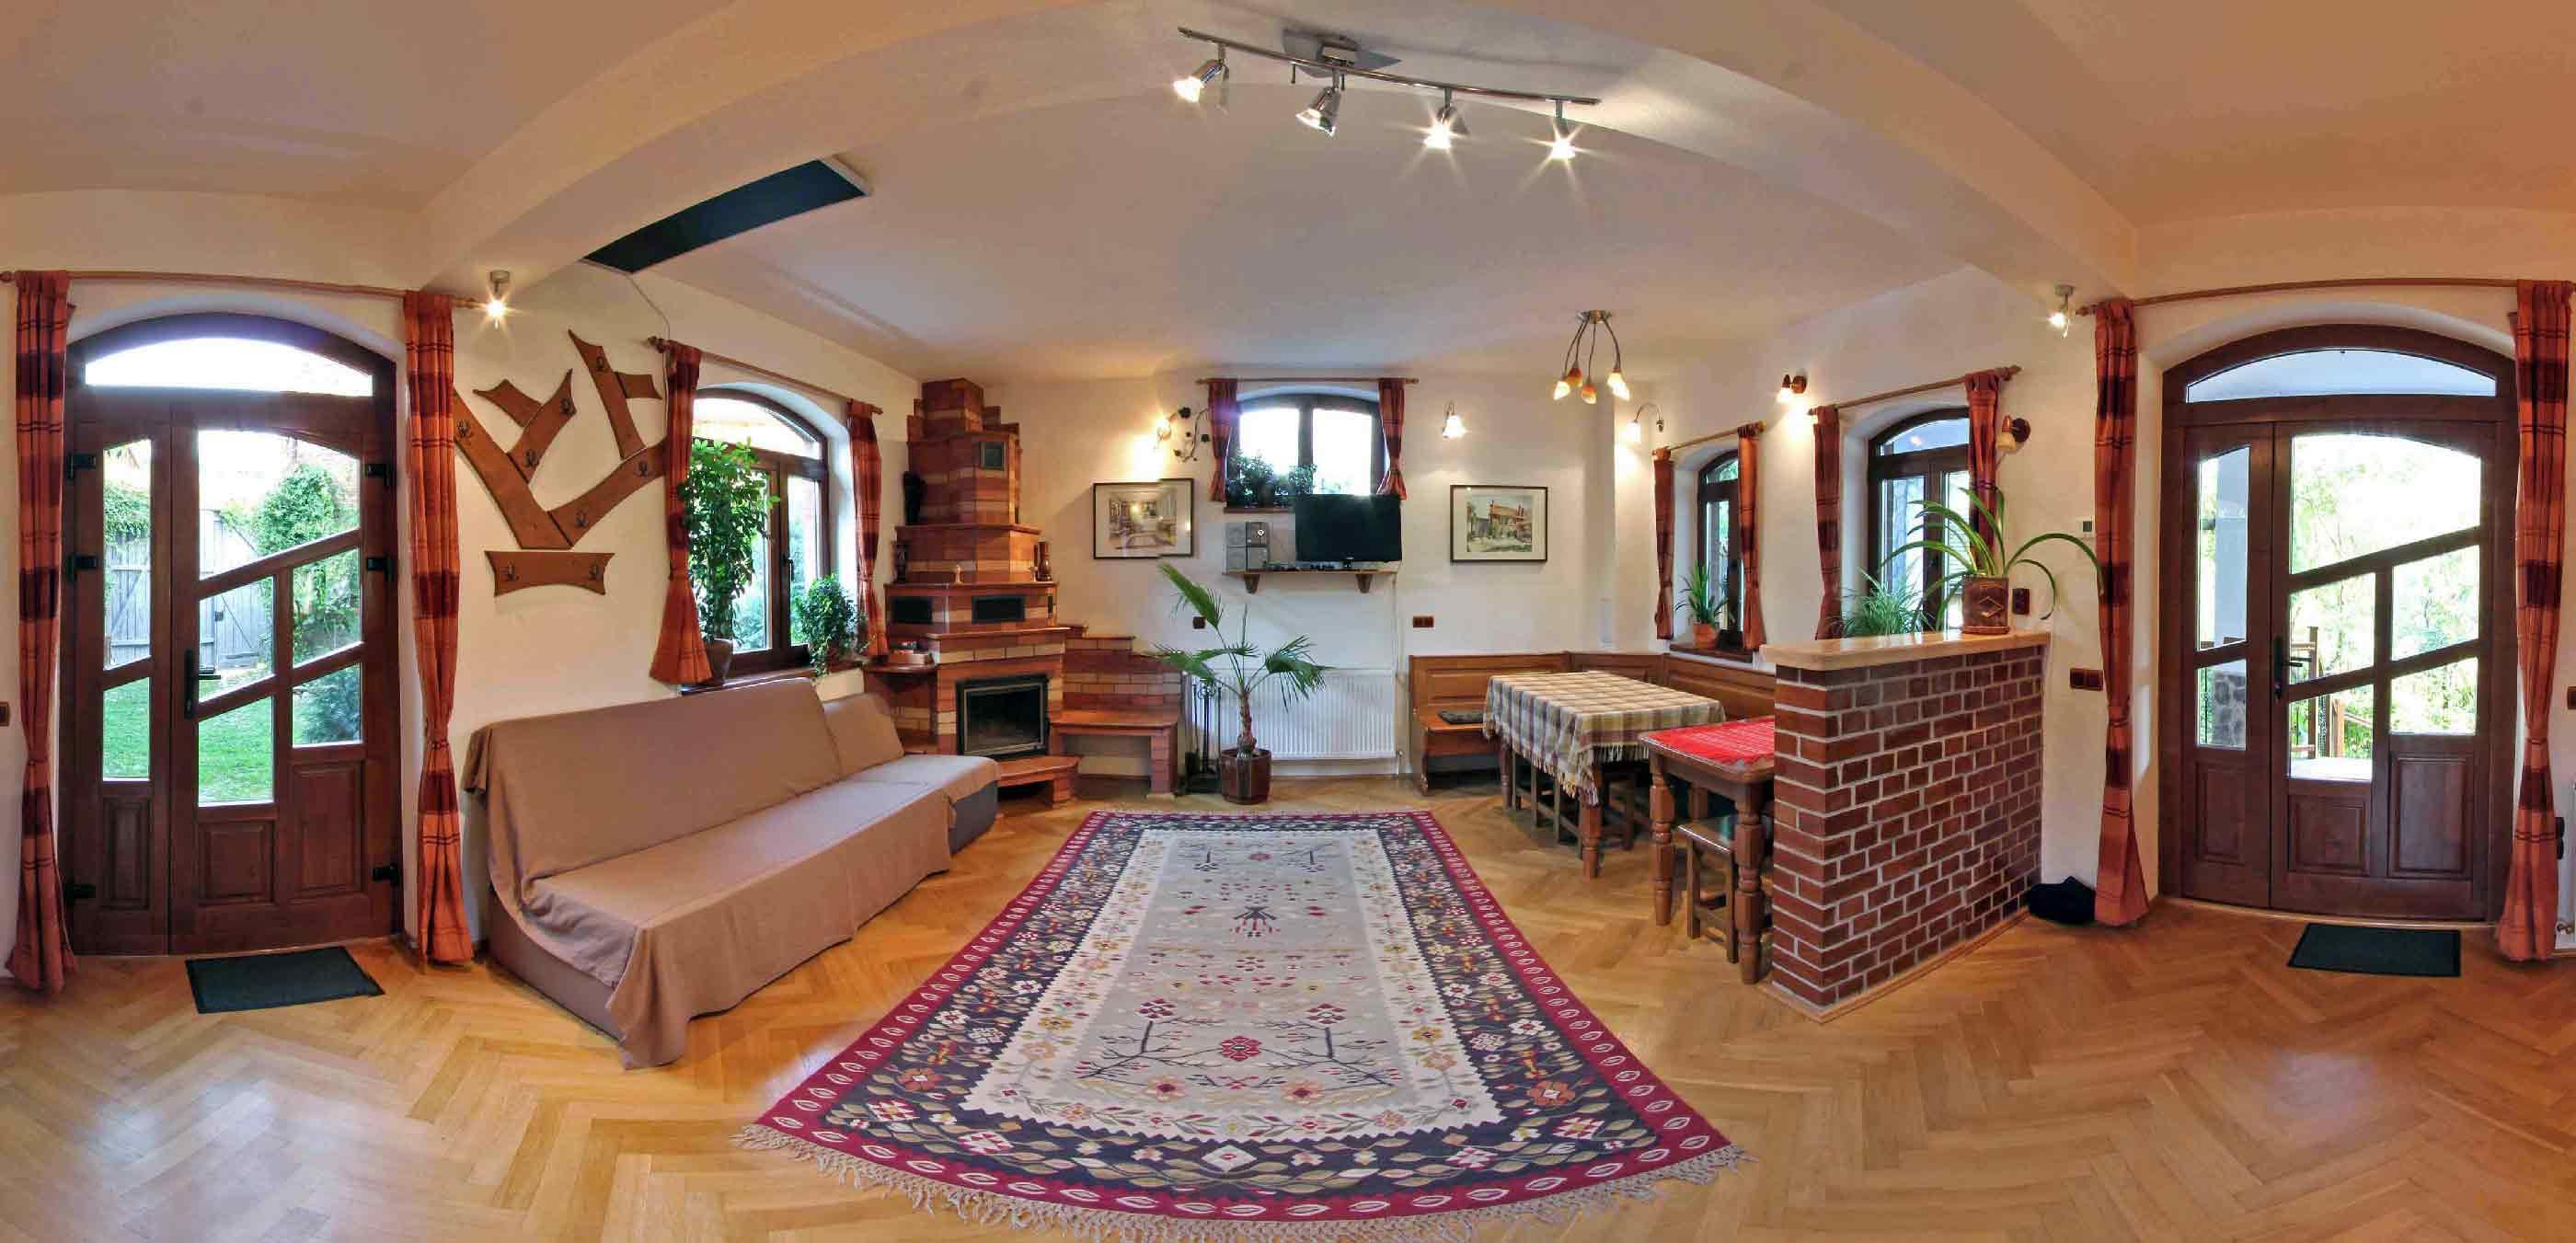 sejour vacances en famille en roumanie | location villa par le proprietaire en transylvanie sibiu